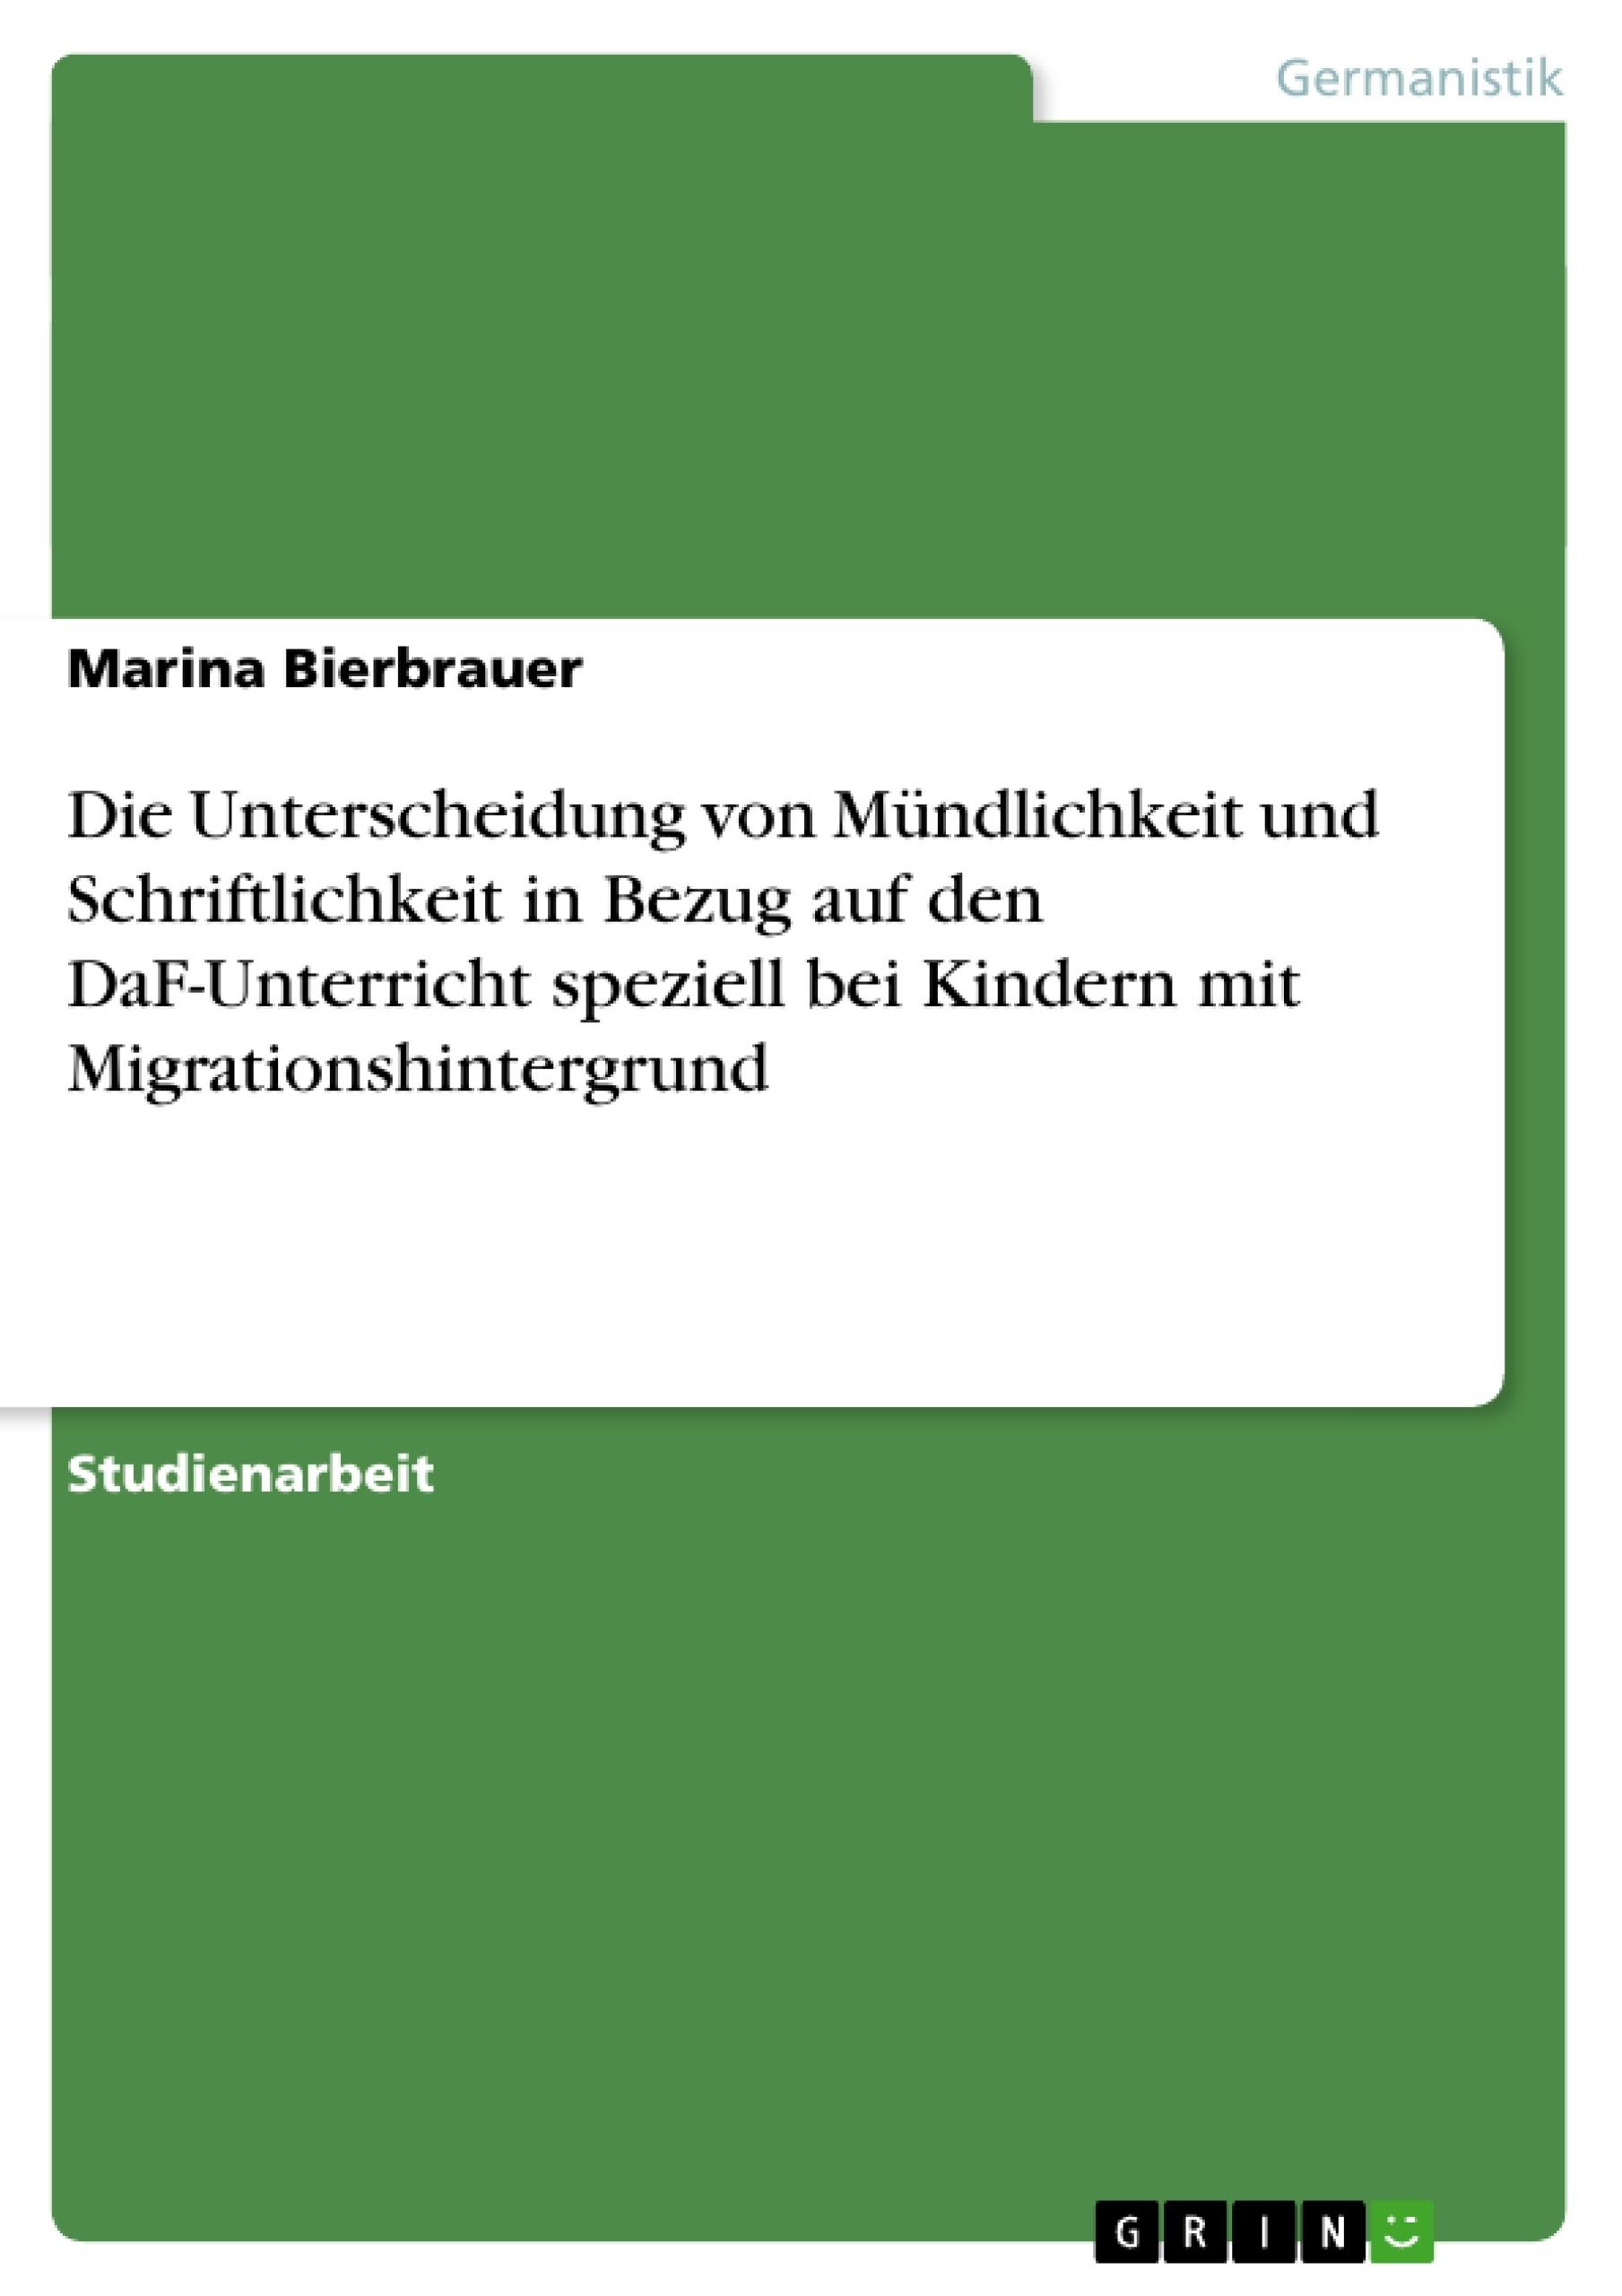 Titel: Die Unterscheidung von Mündlichkeit und Schriftlichkeit in Bezug auf den DaF-Unterricht speziell bei Kindern mit Migrationshintergrund